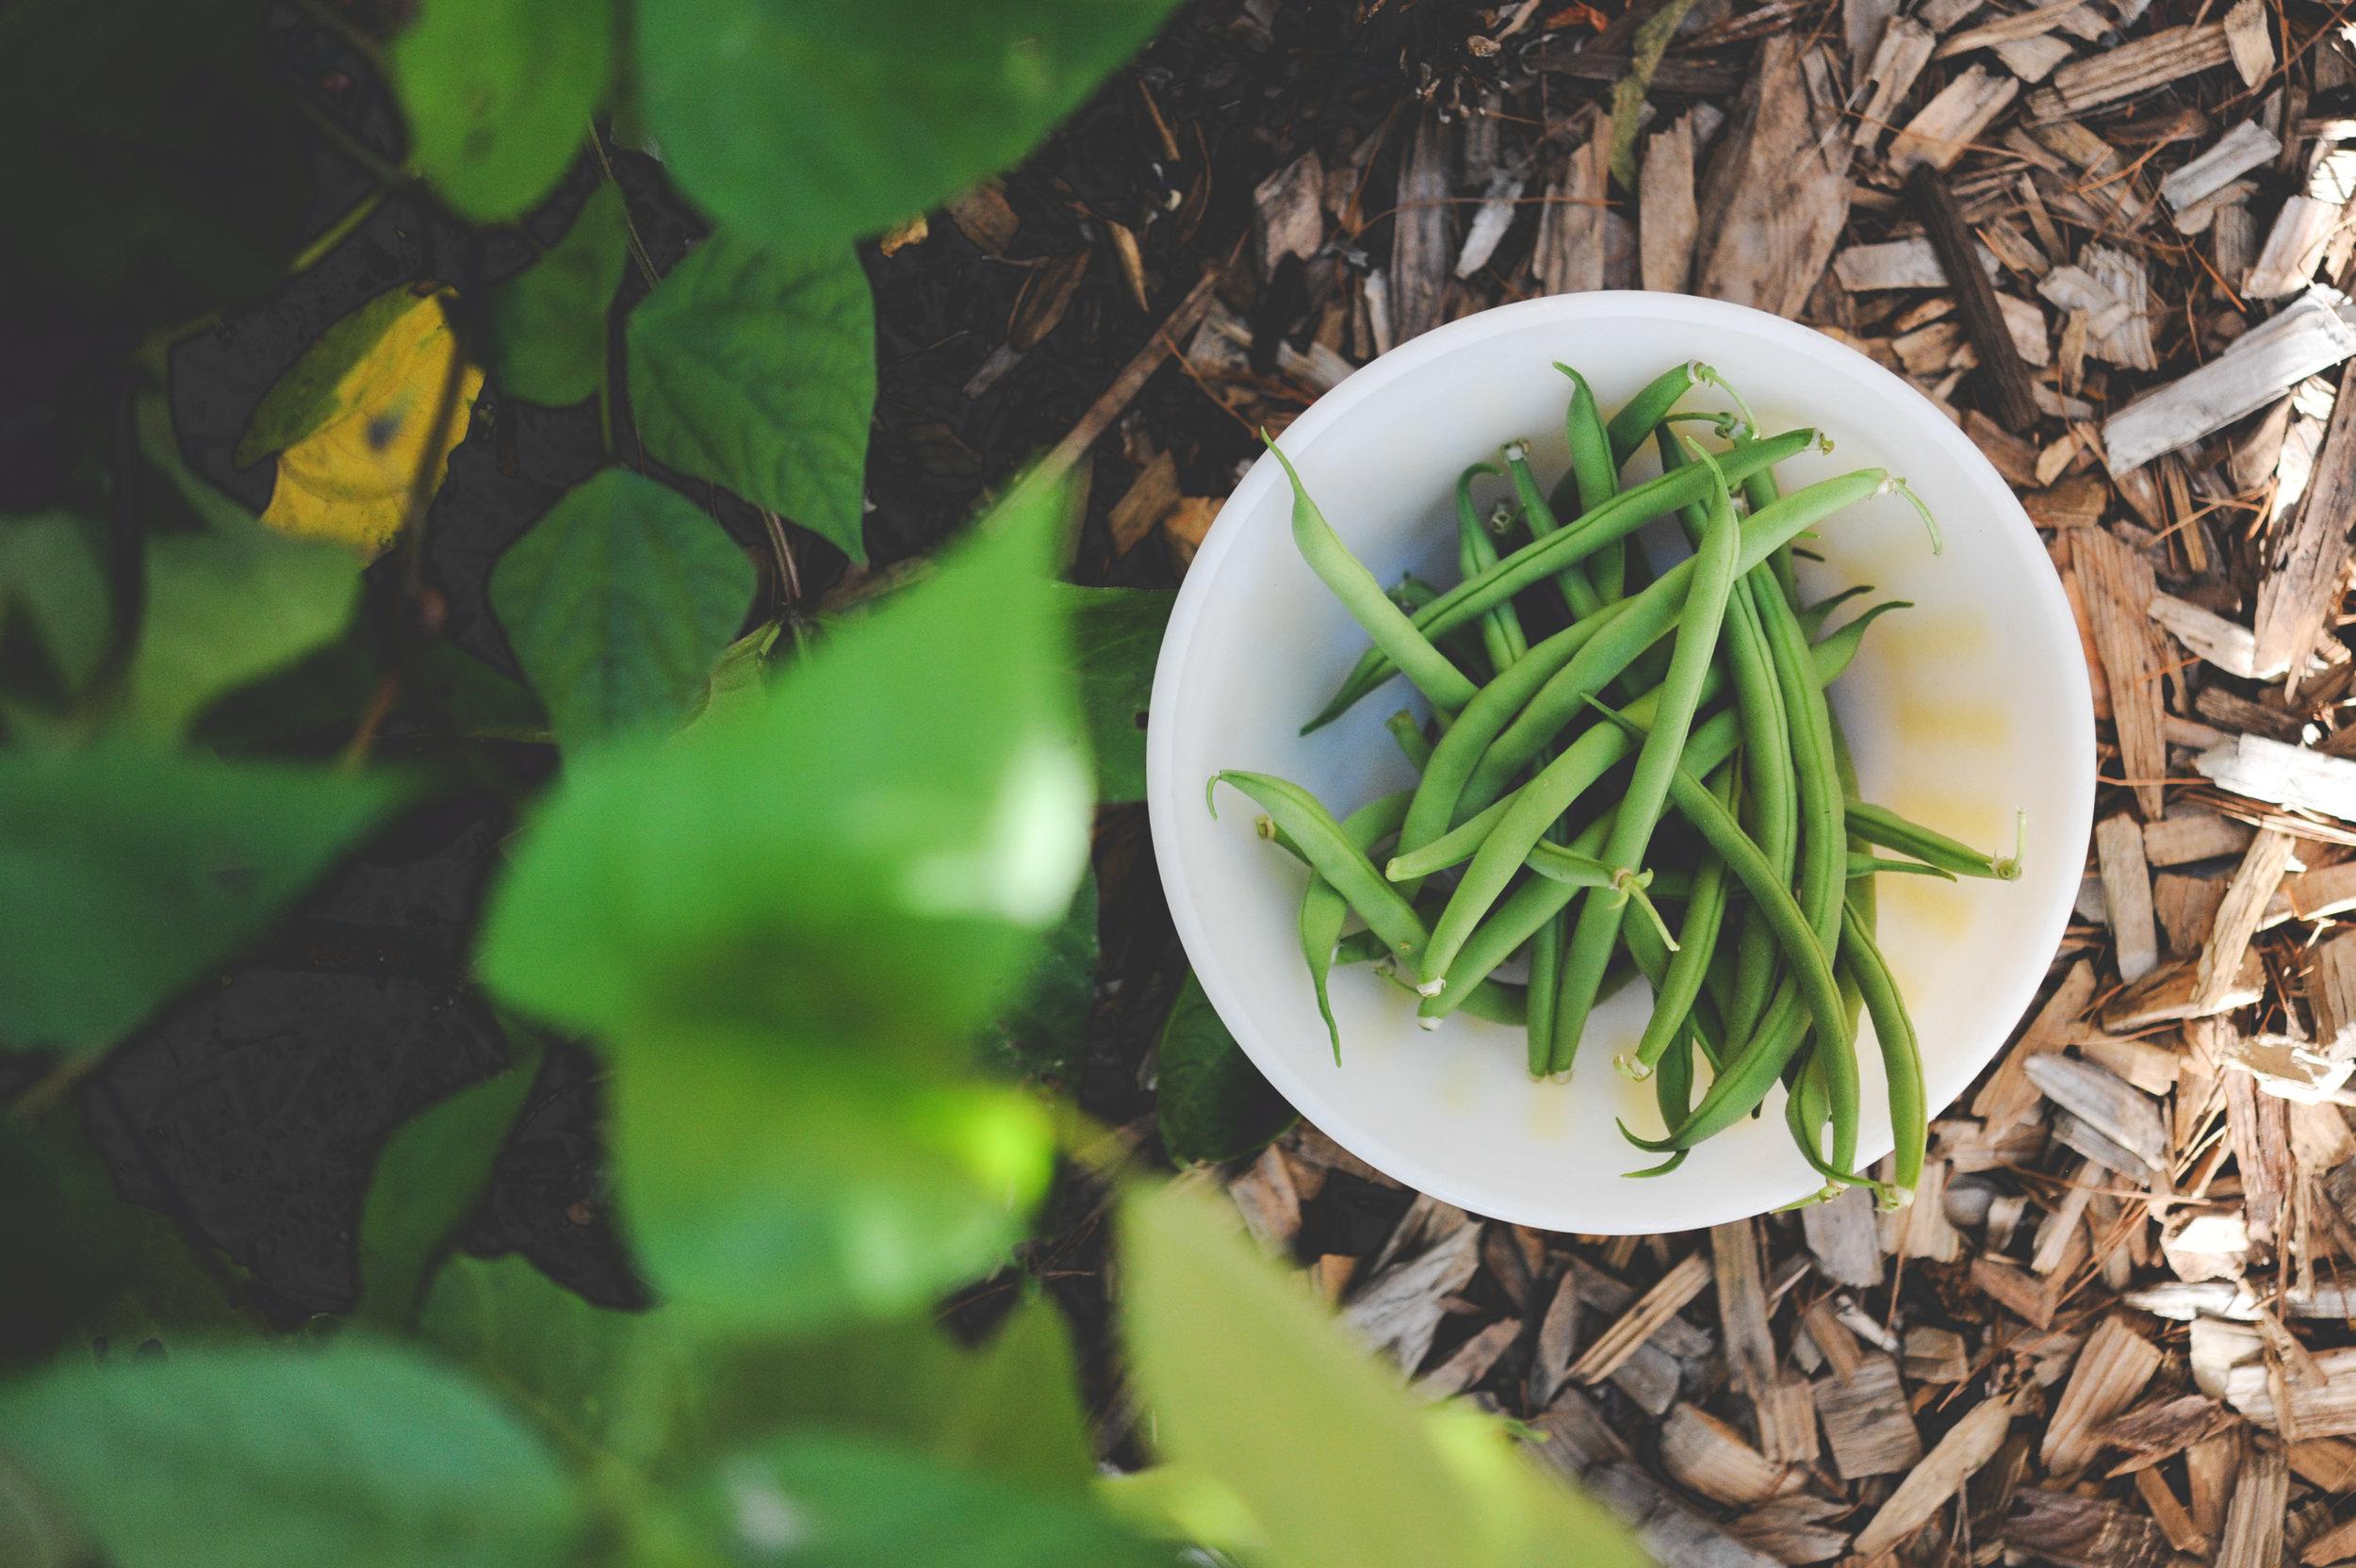 Beans_harvested.jpg